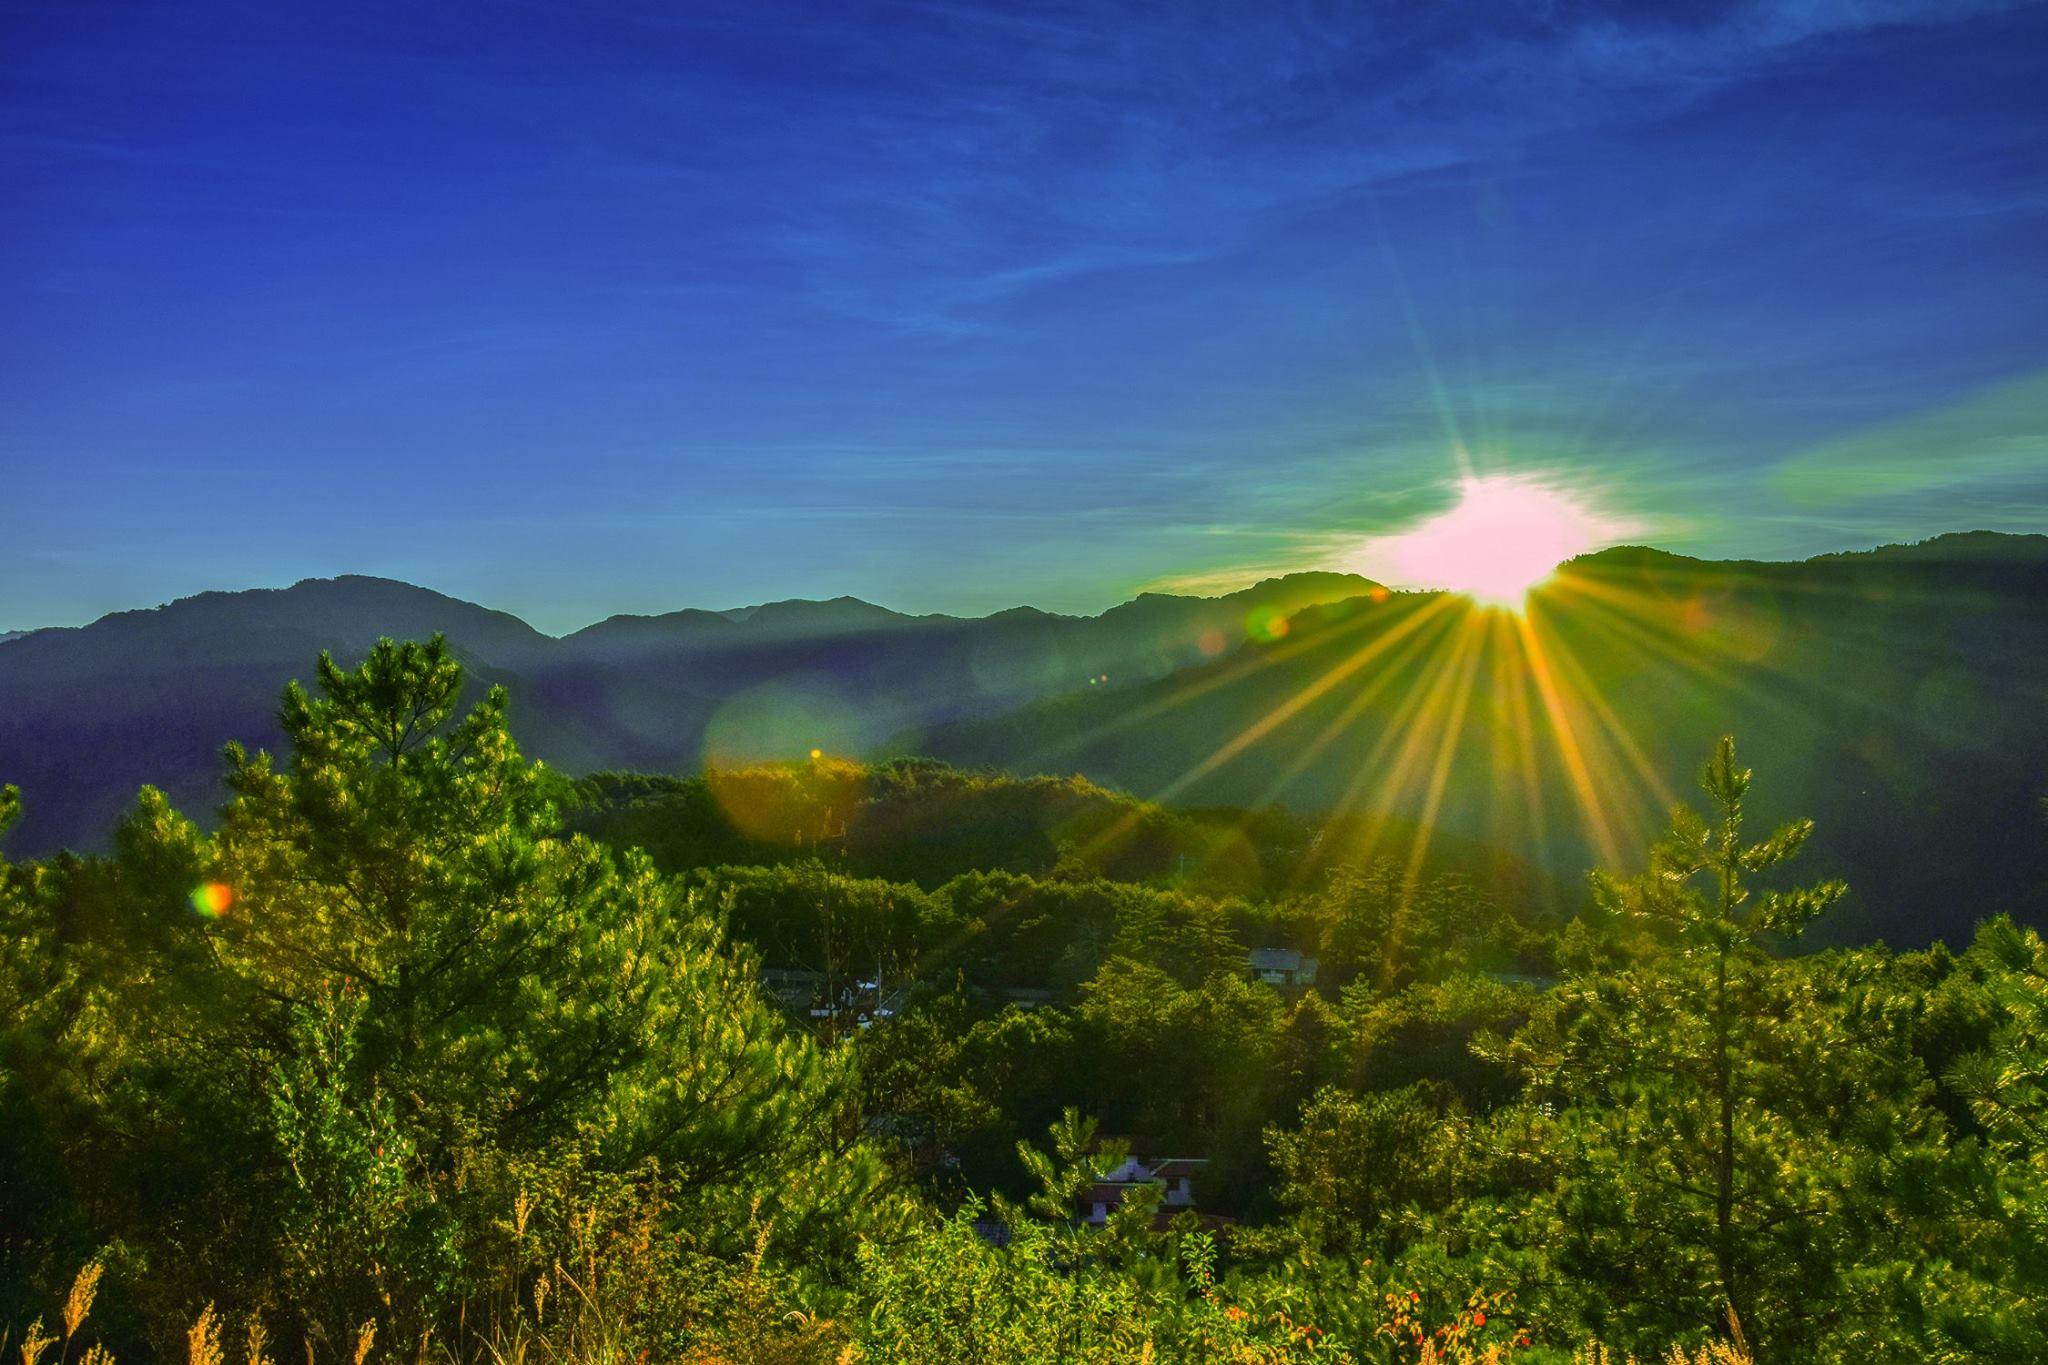 福壽山農場著名景點-天池為在農場腹地內的最高處,是最佳日出觀賞地點。圖/福壽山農場臉書粉絲專頁